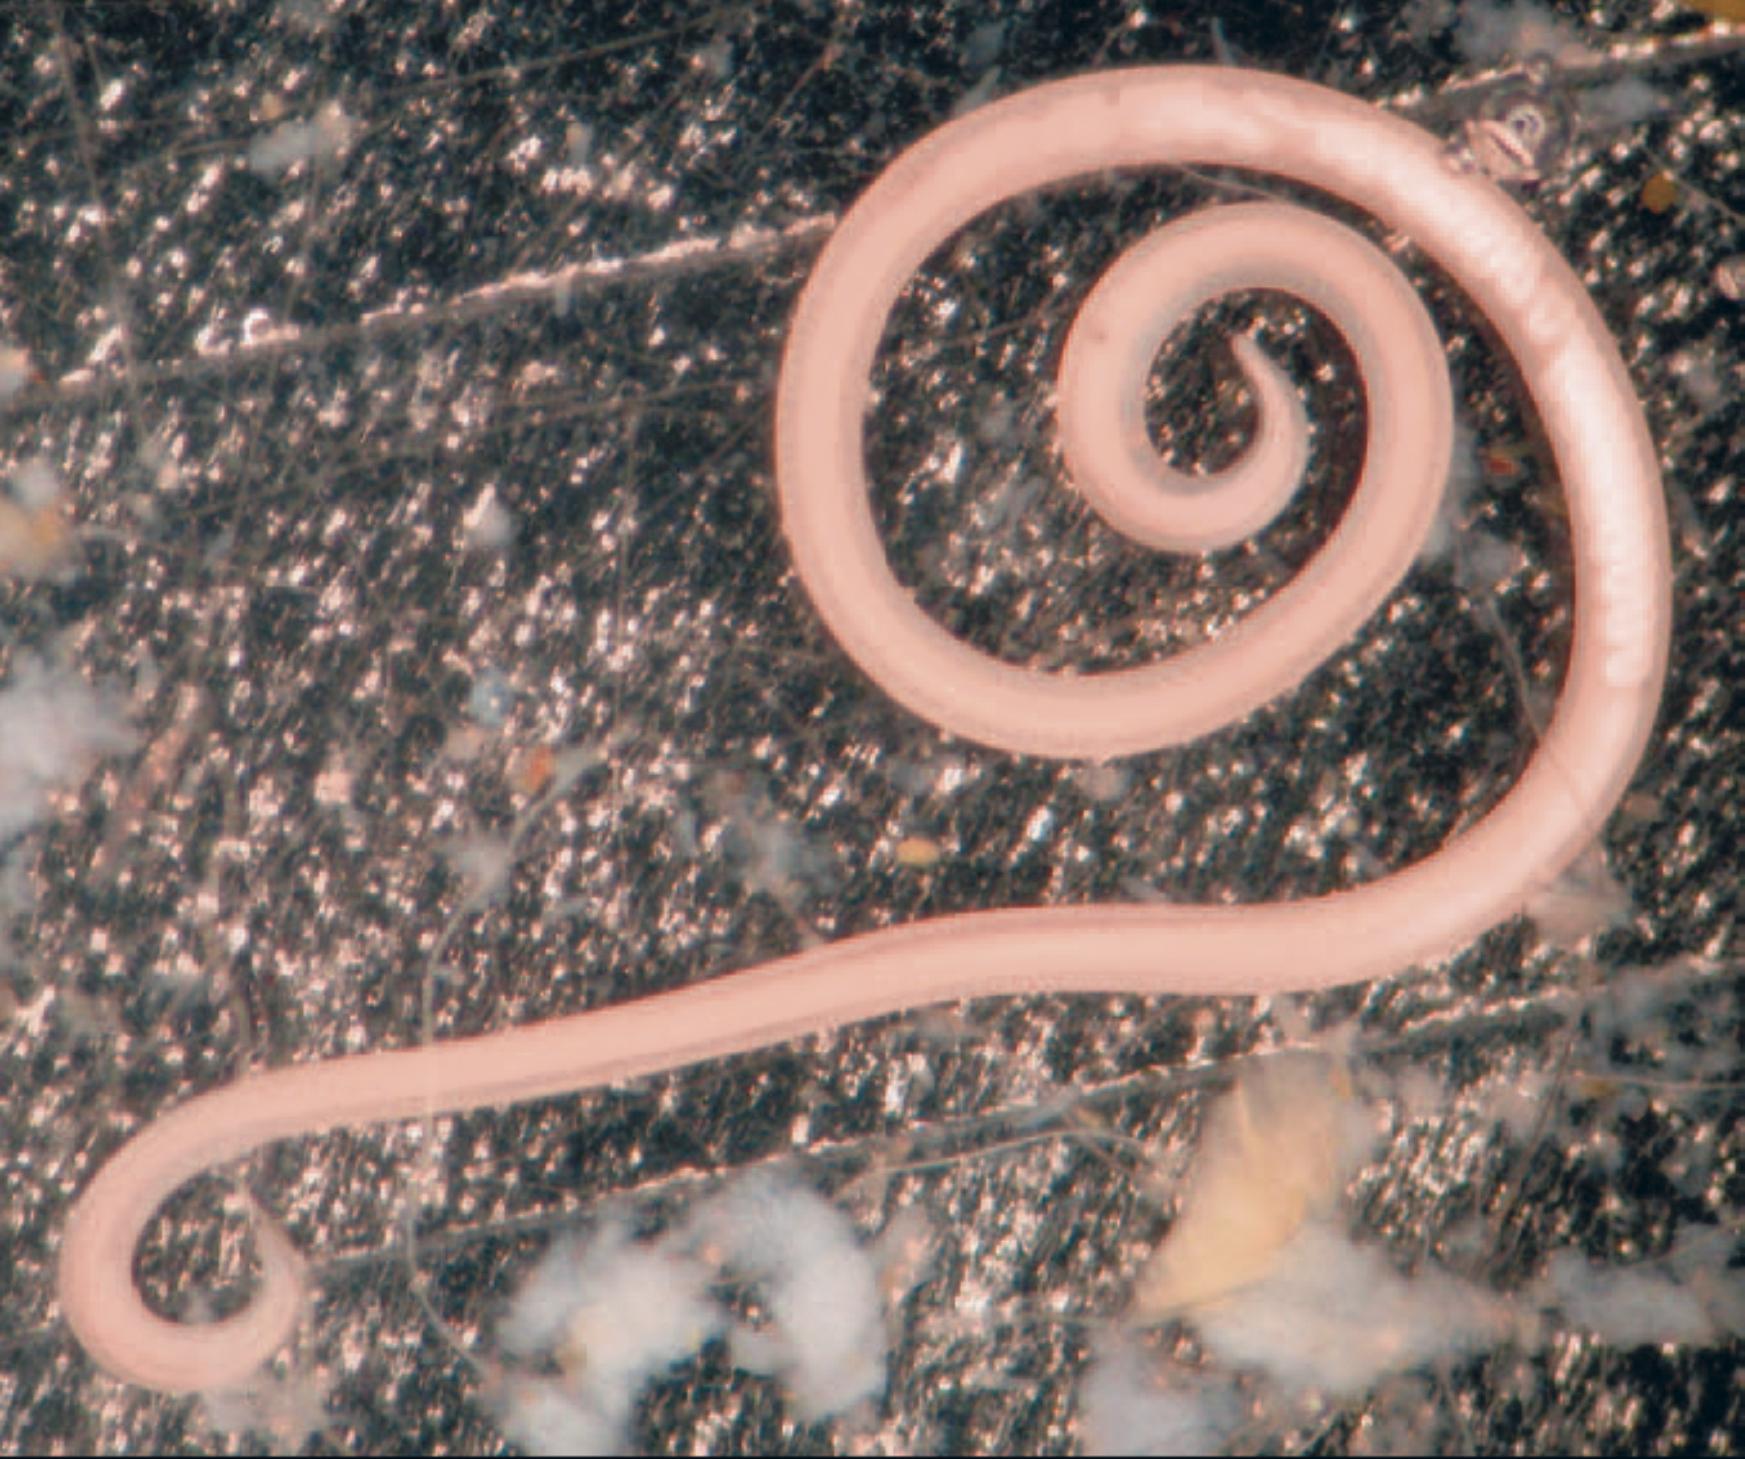 черви паразиты в теле человека